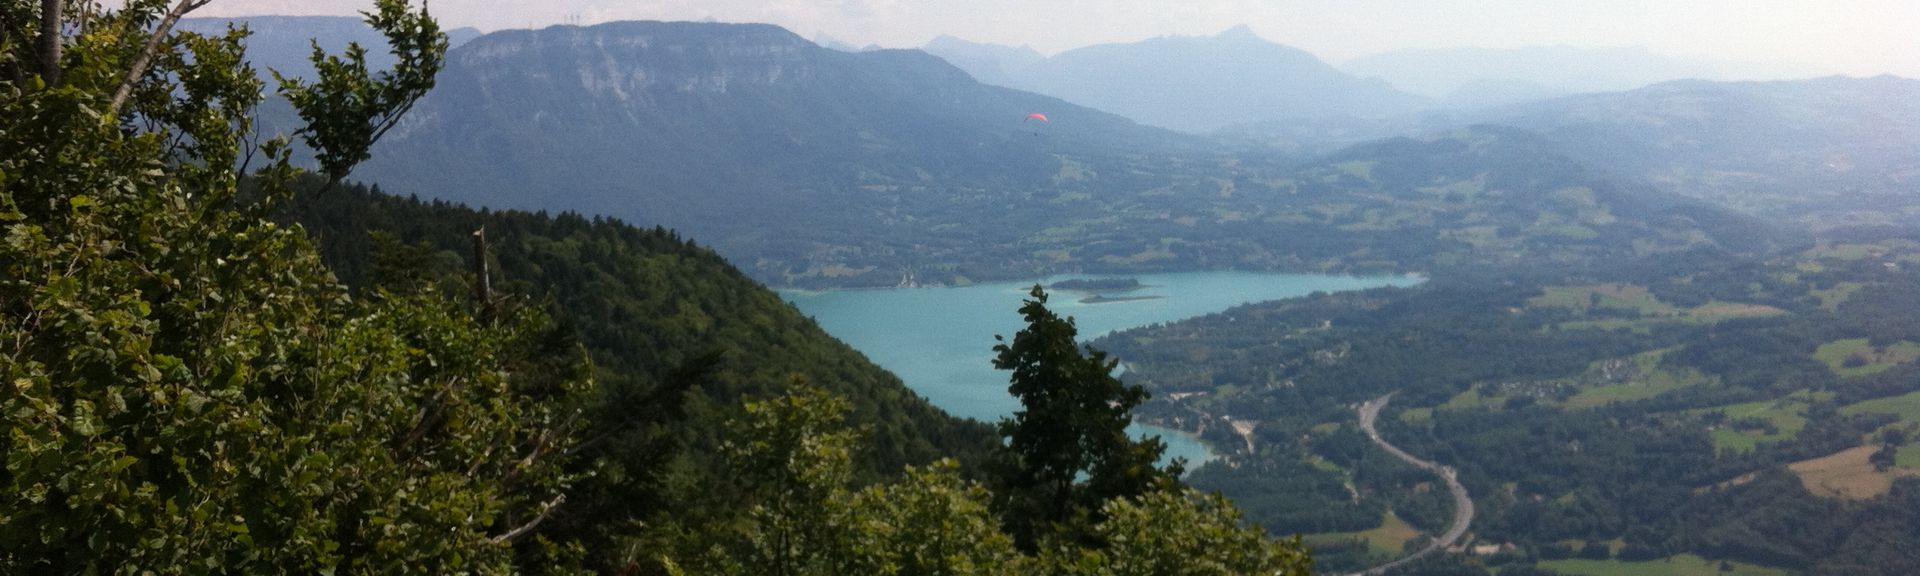 Lac d'Aiguebelette, Savoie (departement), Frankrike